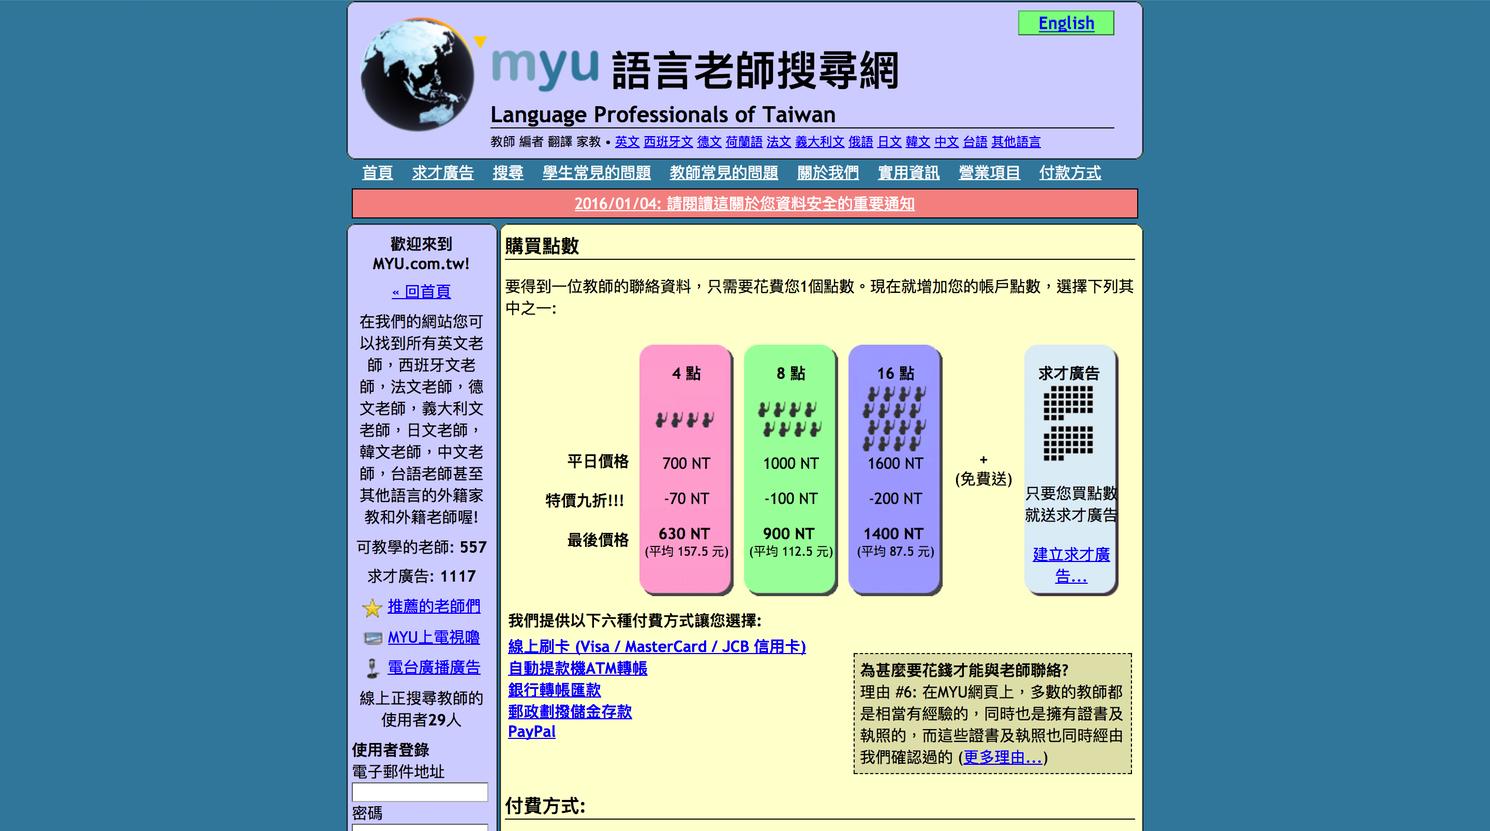 MYU+英文家教付款.png